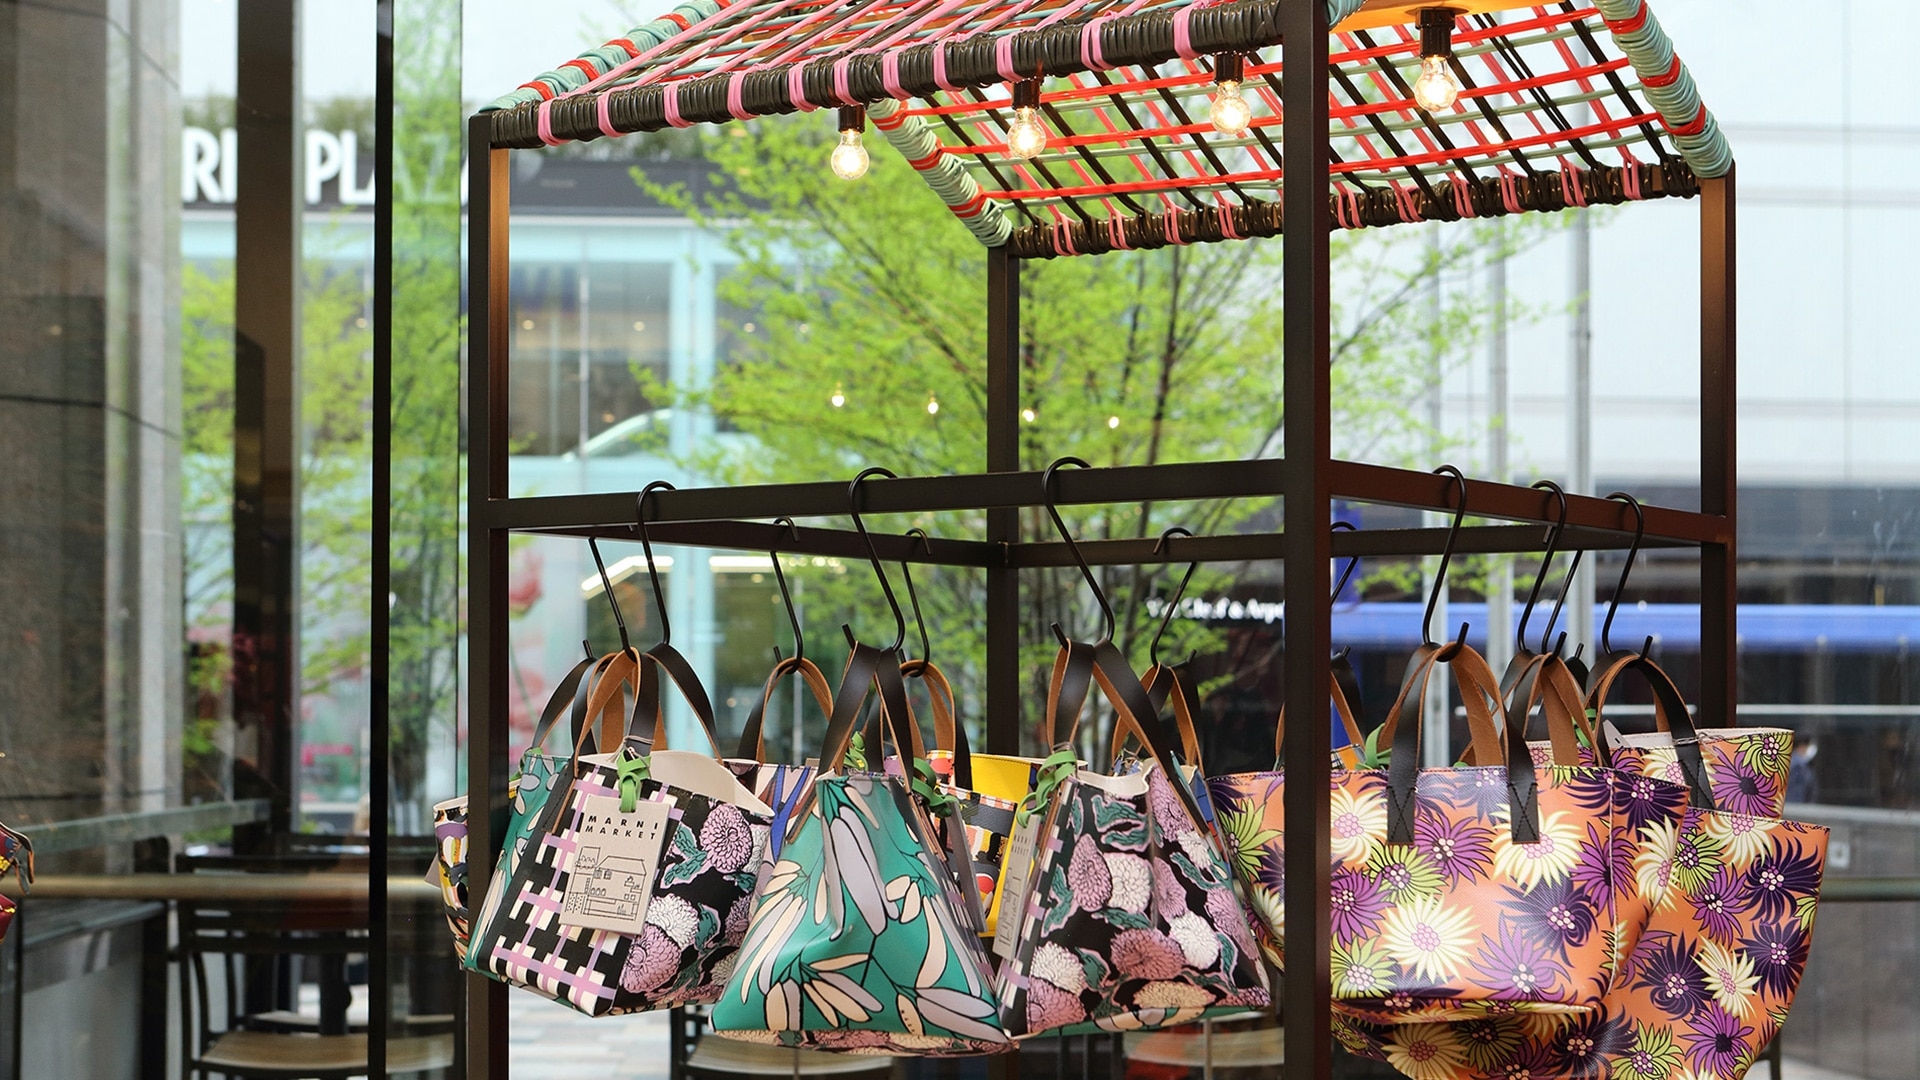 Marni Market pop up in Nagoya and Fukuoka 2017 interior 16. Products close up.